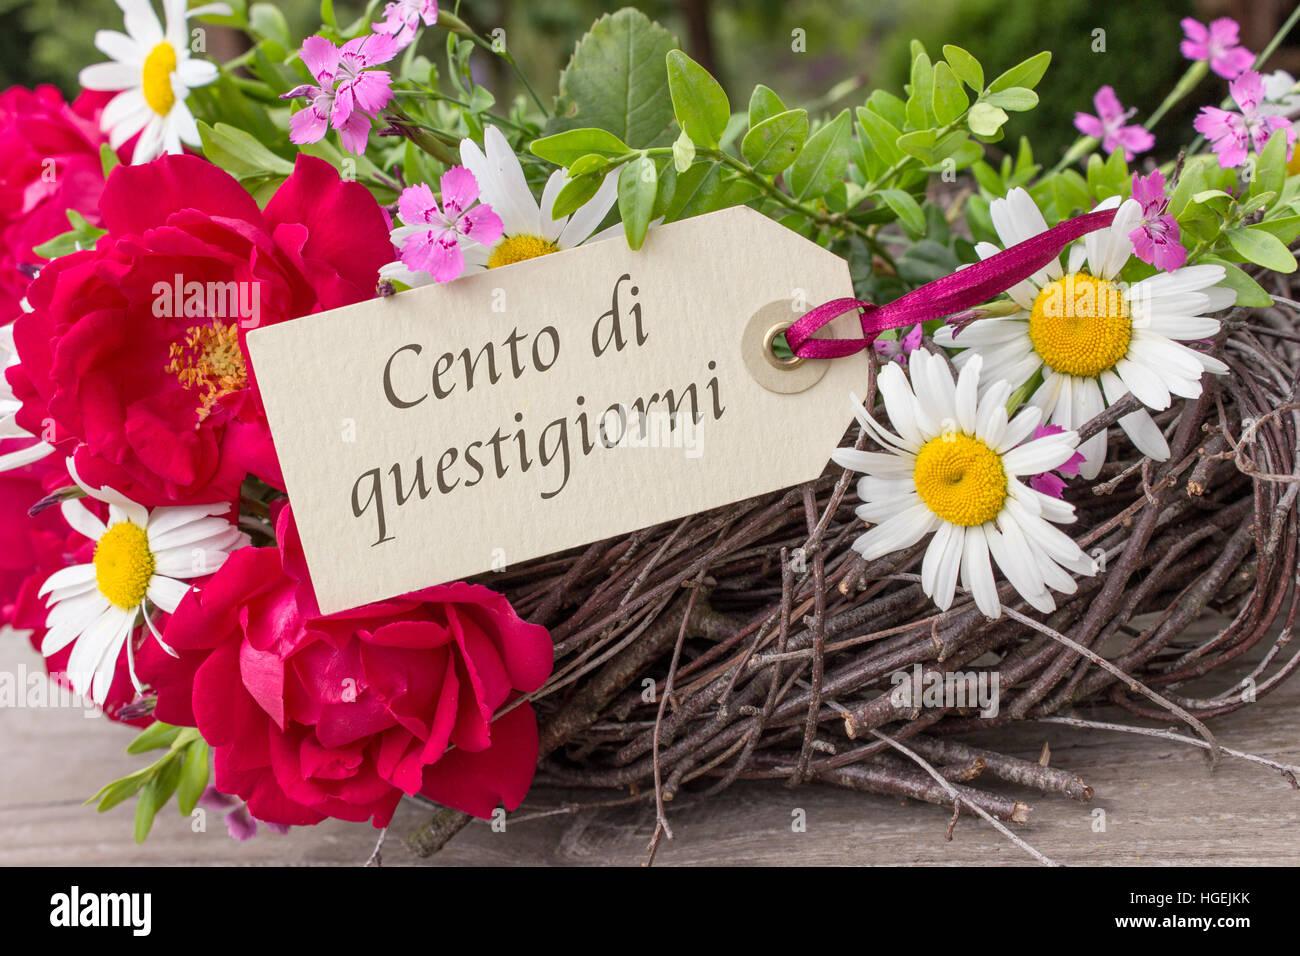 Italienische Geburtstagskarte mit Sommerblumen und der Text